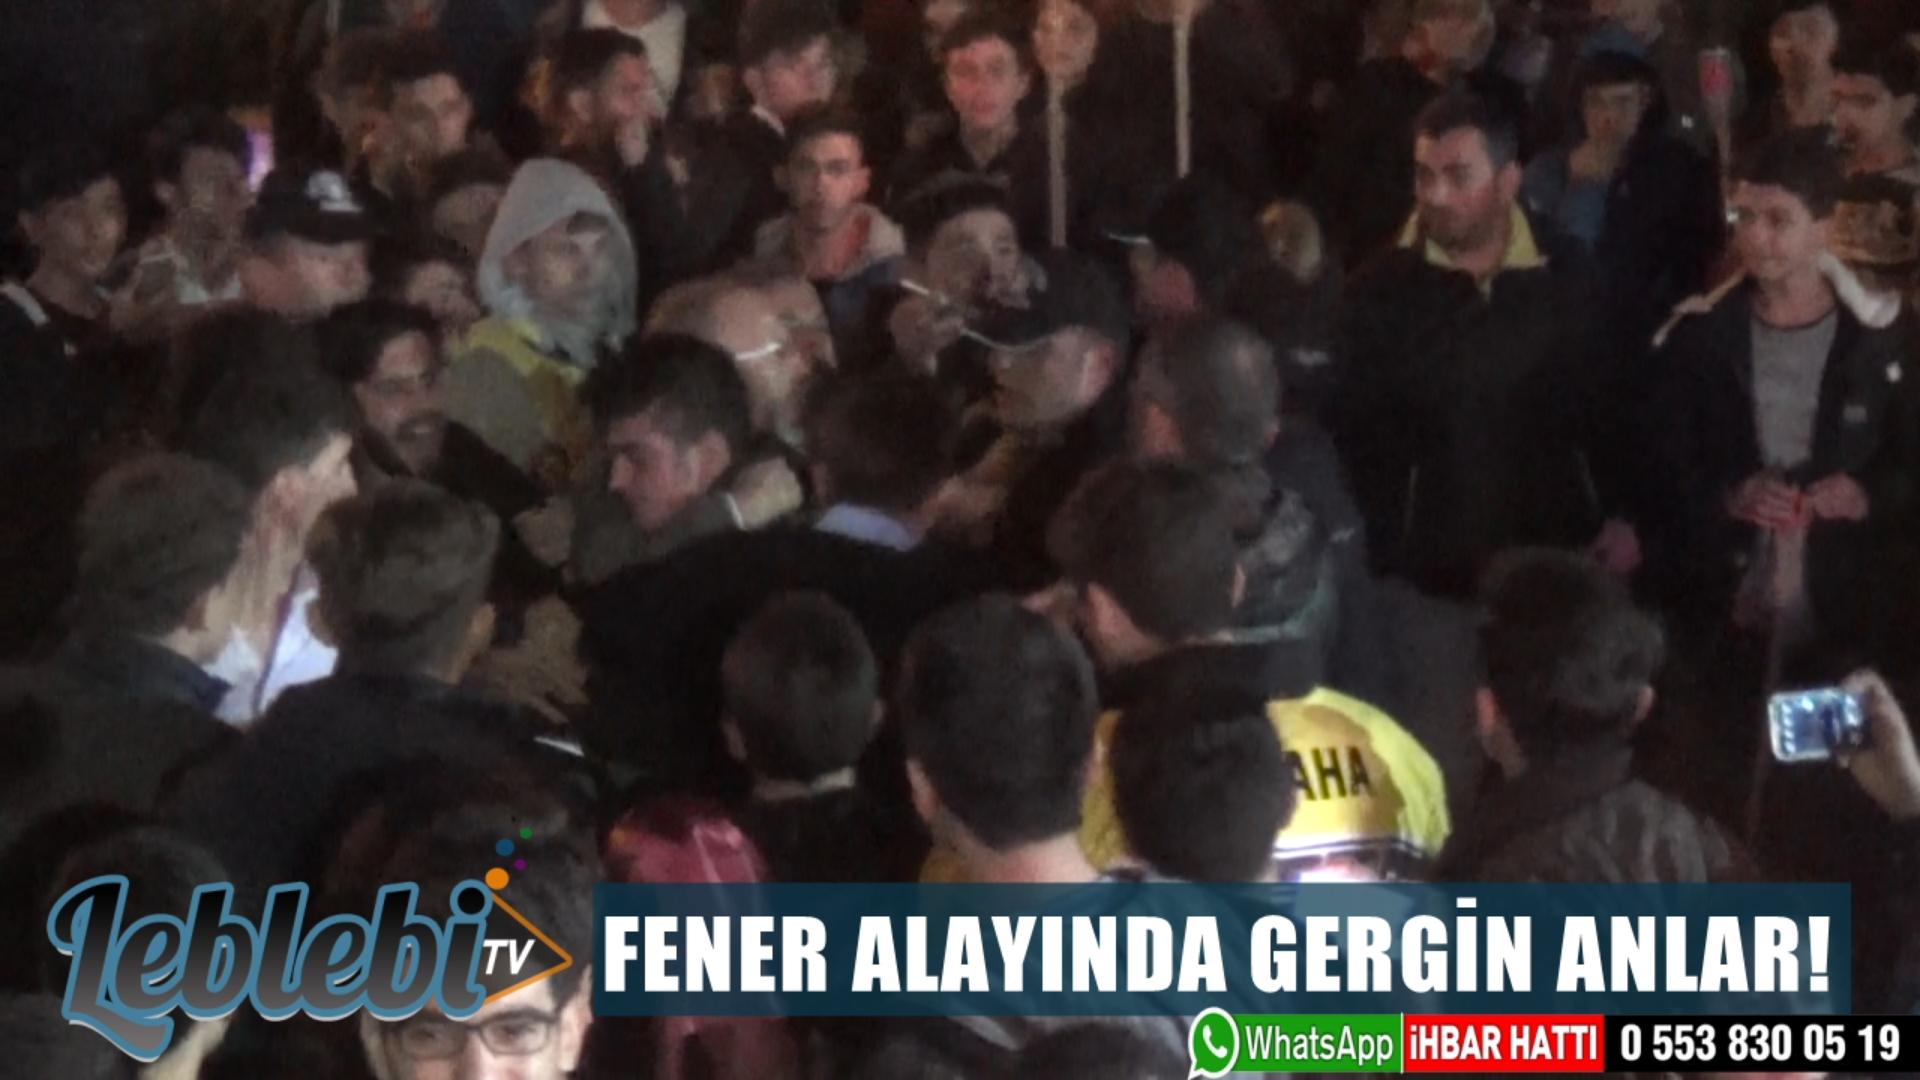 FENER ALAYINDA GERGİN ANLAR!